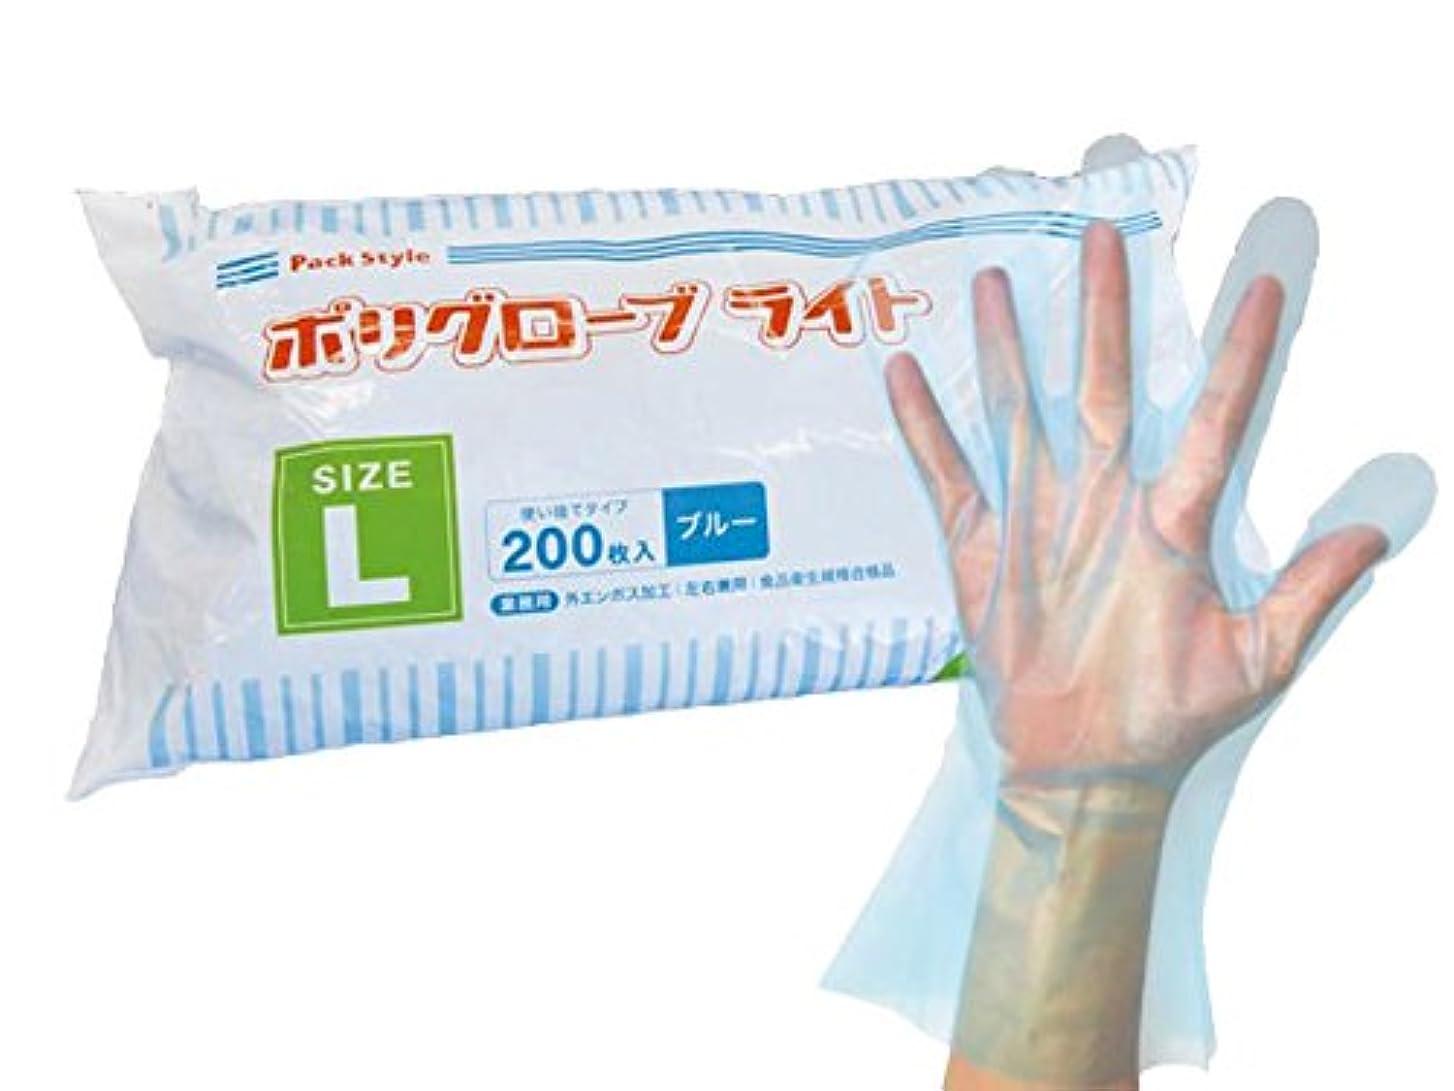 マーチャンダイジング東方答えパックスタイル 使い捨て ポリ手袋 ポリグローブライト ブルー 袋入 SS 6000枚 00555009